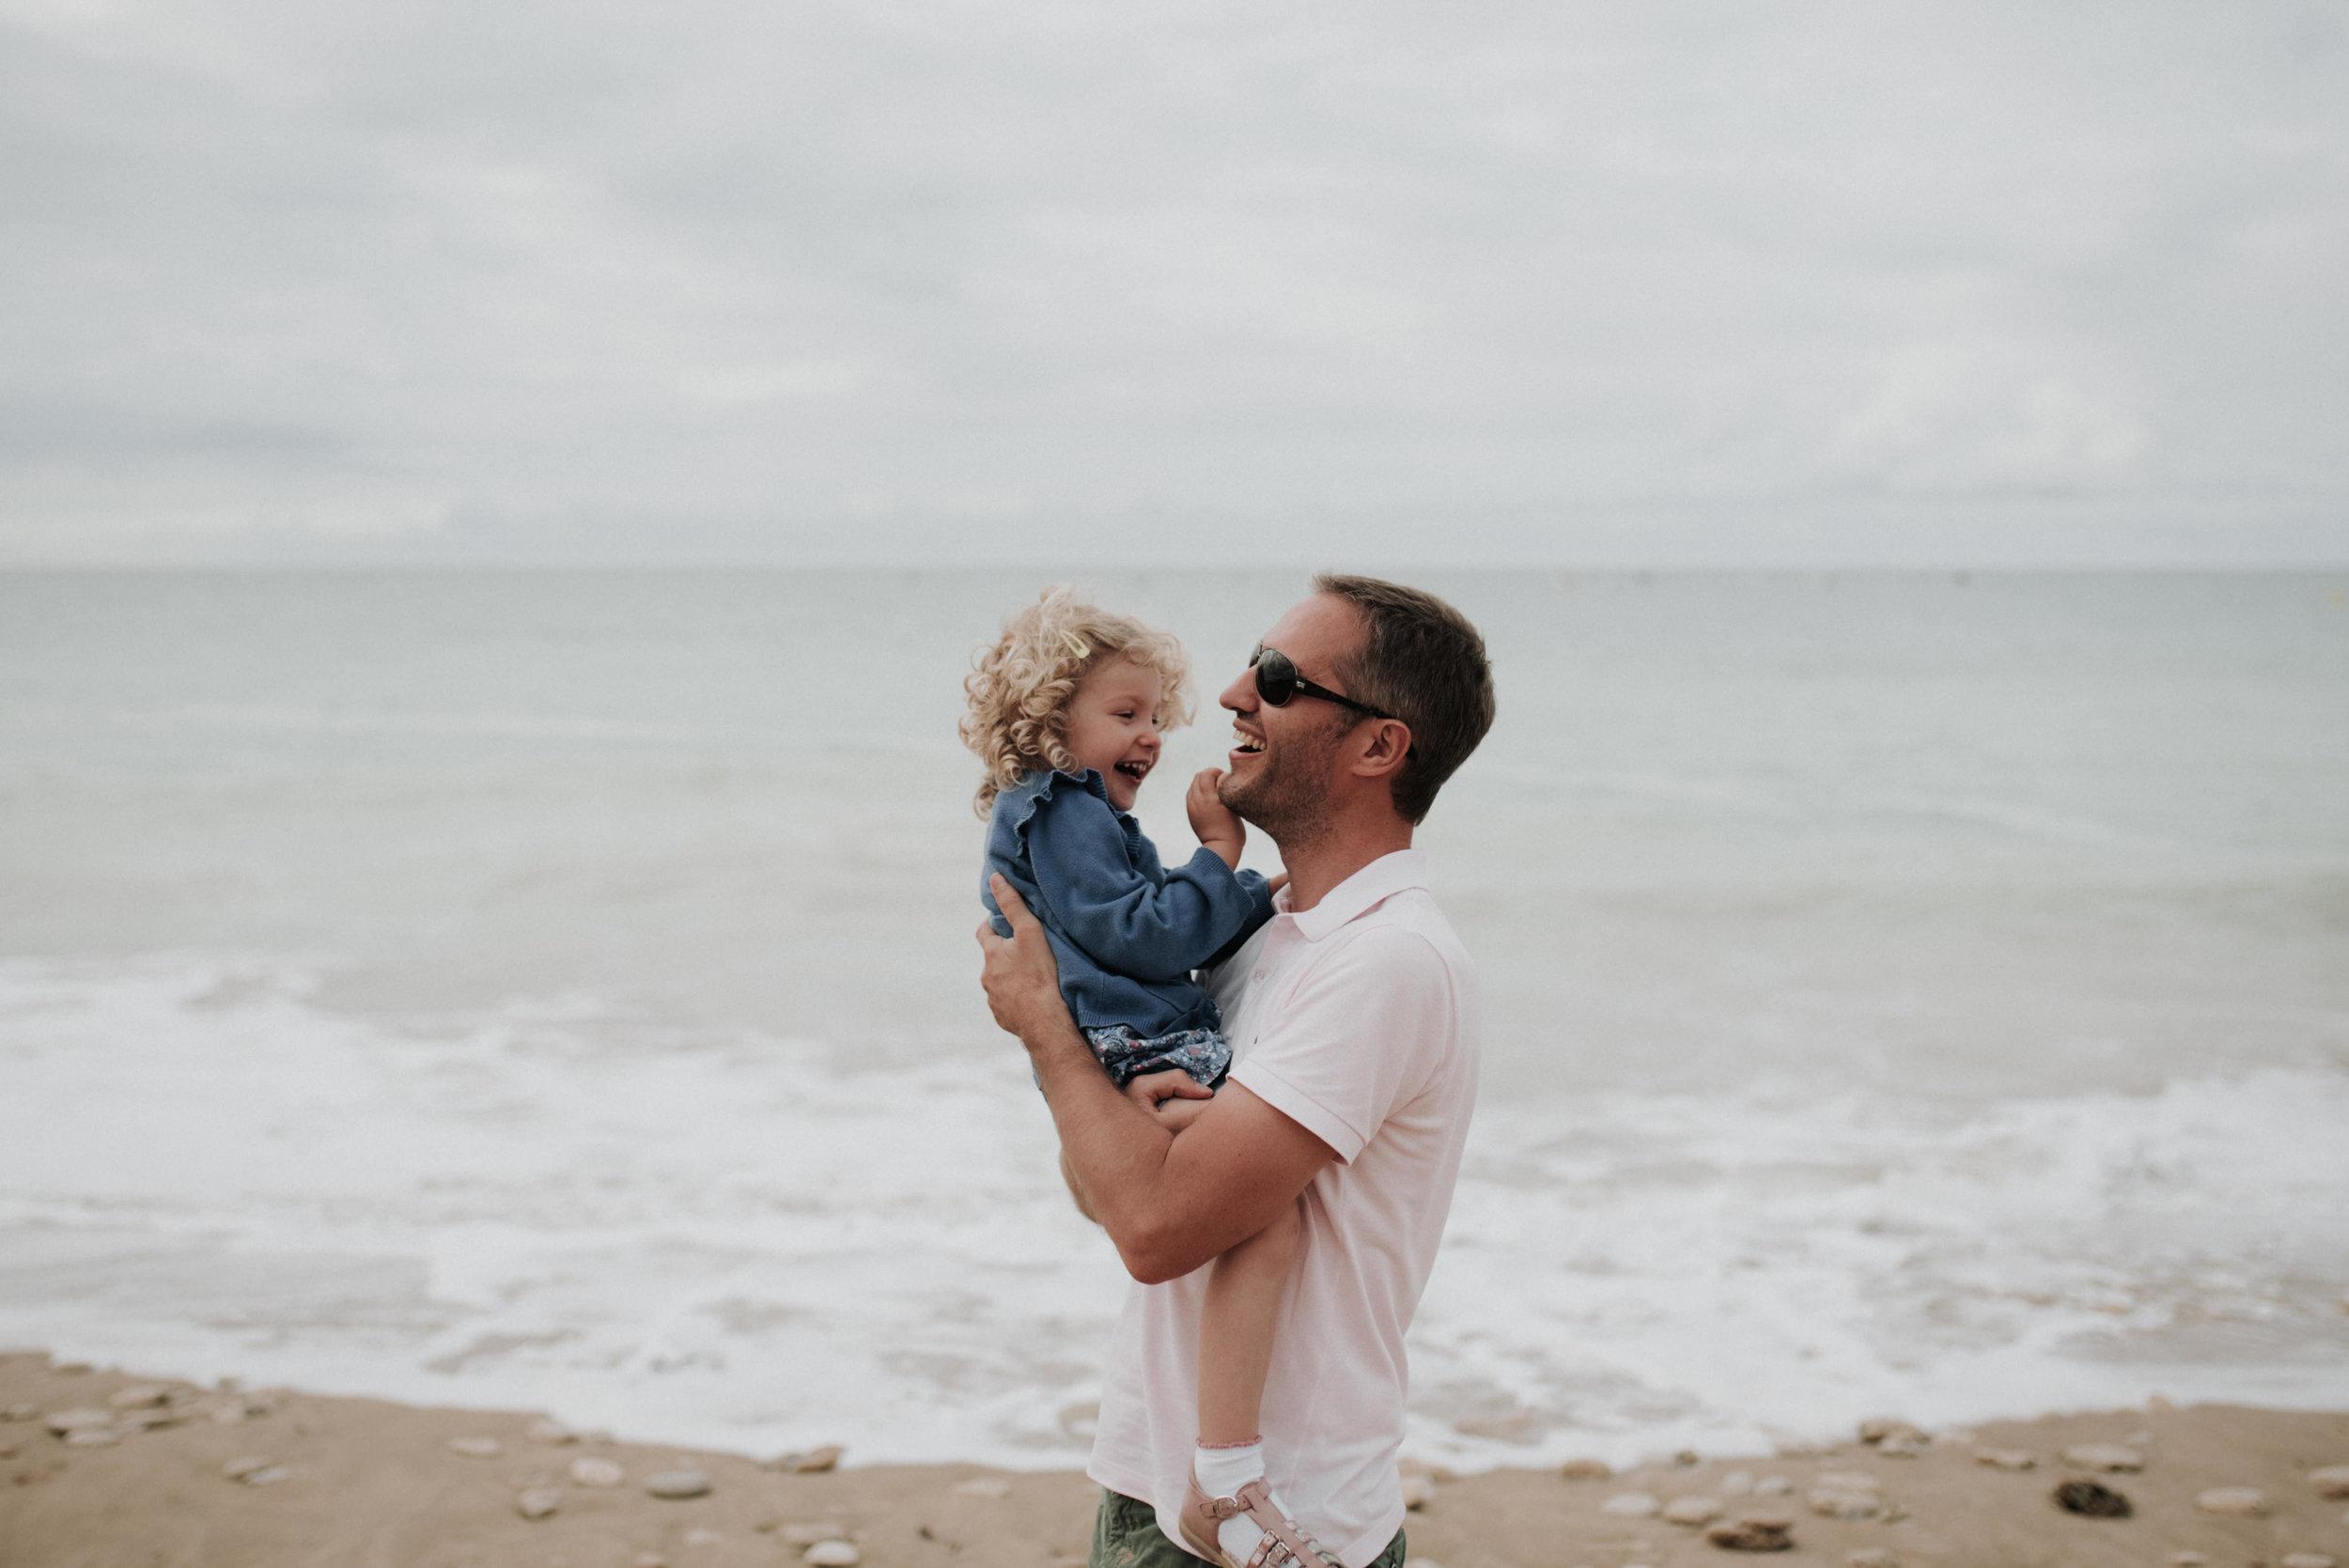 Léa-Fery-photographe-professionnel-lyon-rhone-alpes-portrait-creation-mariage-evenement-evenementiel-famille-2578.jpg